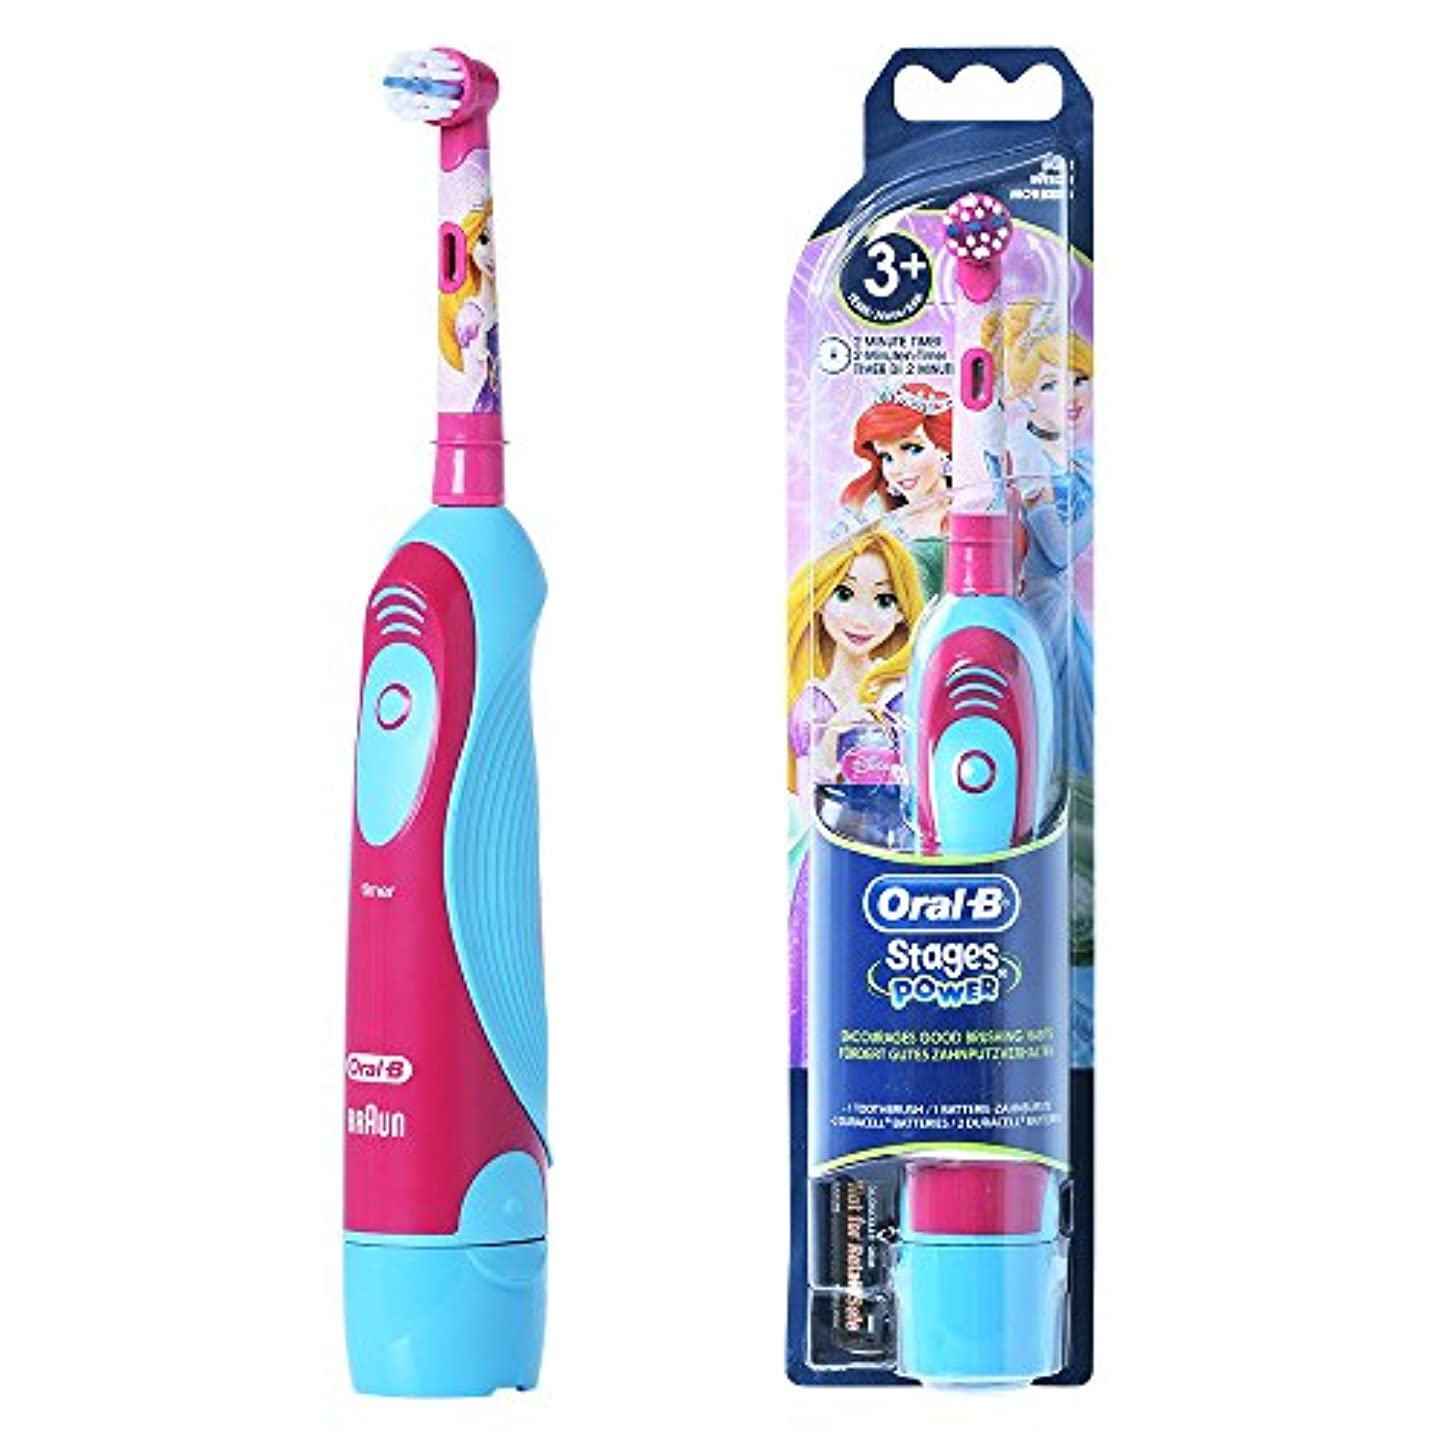 アプライアンスインタビュー別々にBraun Oral-B D2 D2010 Disney Princess Kids 電動歯ブラシ [並行輸入品]